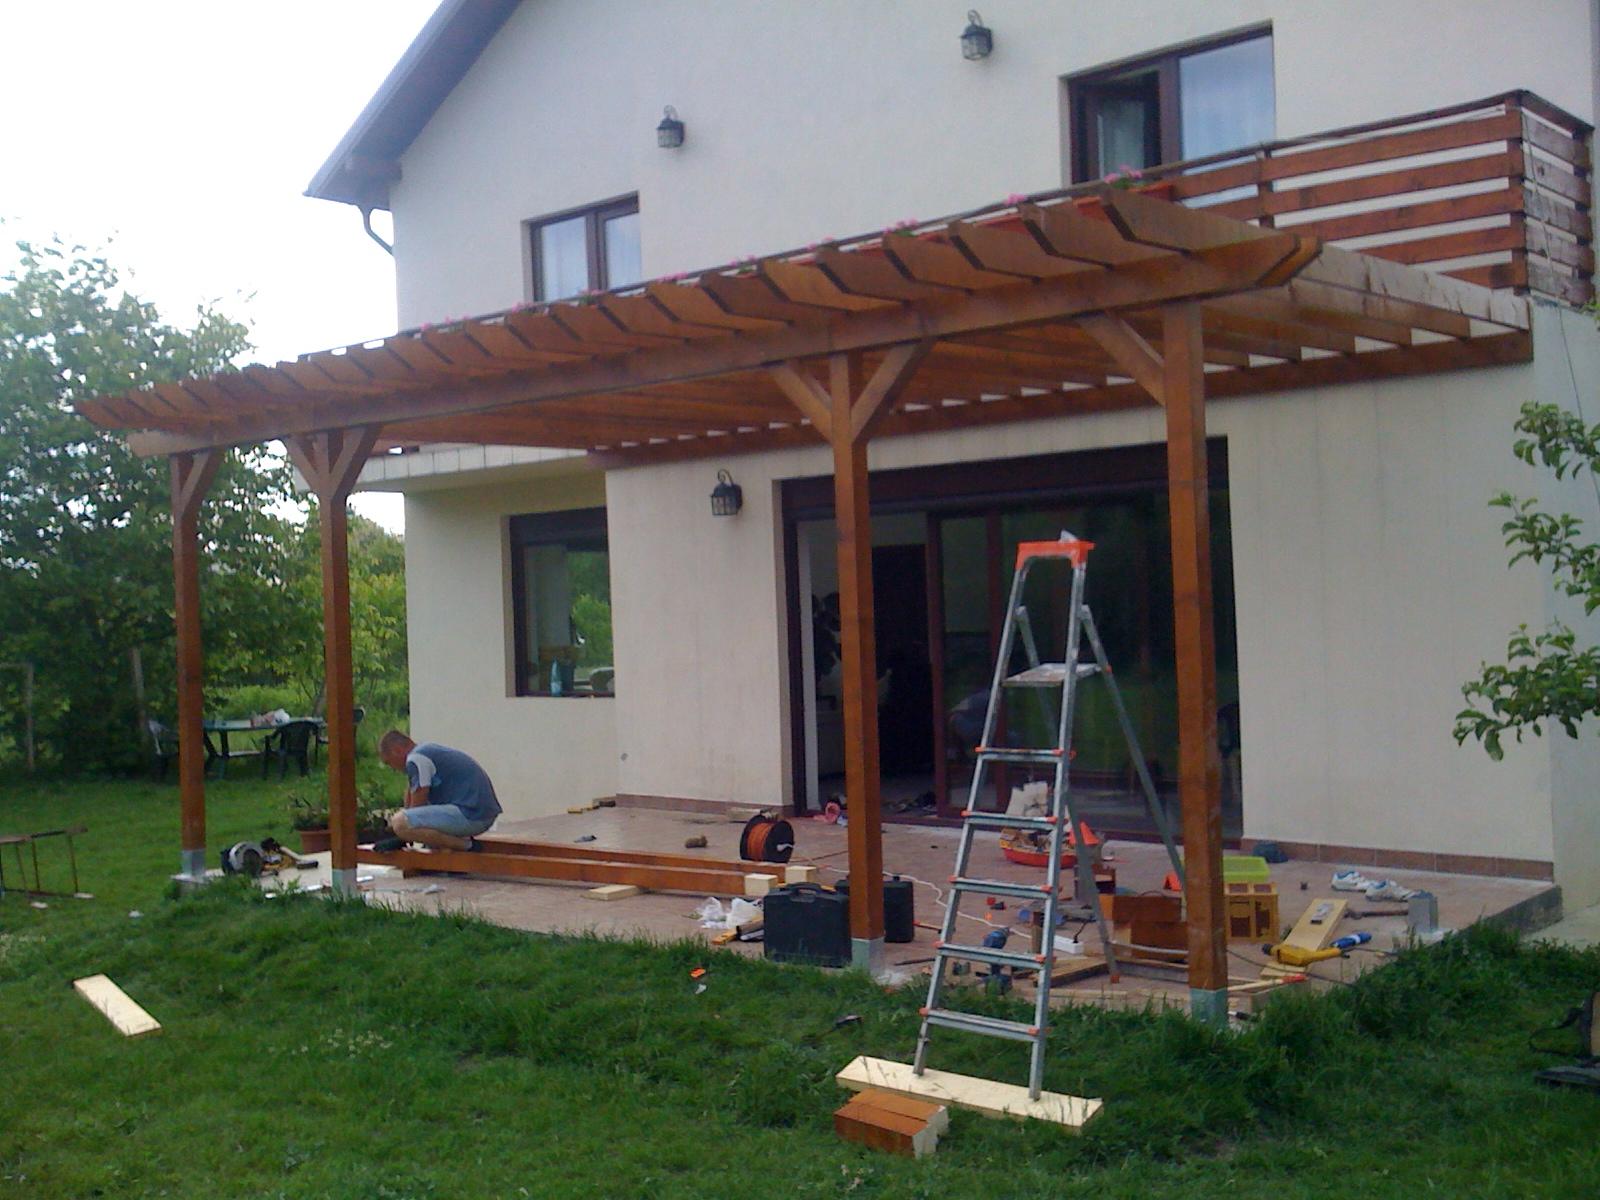 Pergola din lemn pergola din lemn de la schita la for Modele case cu terase acoperite